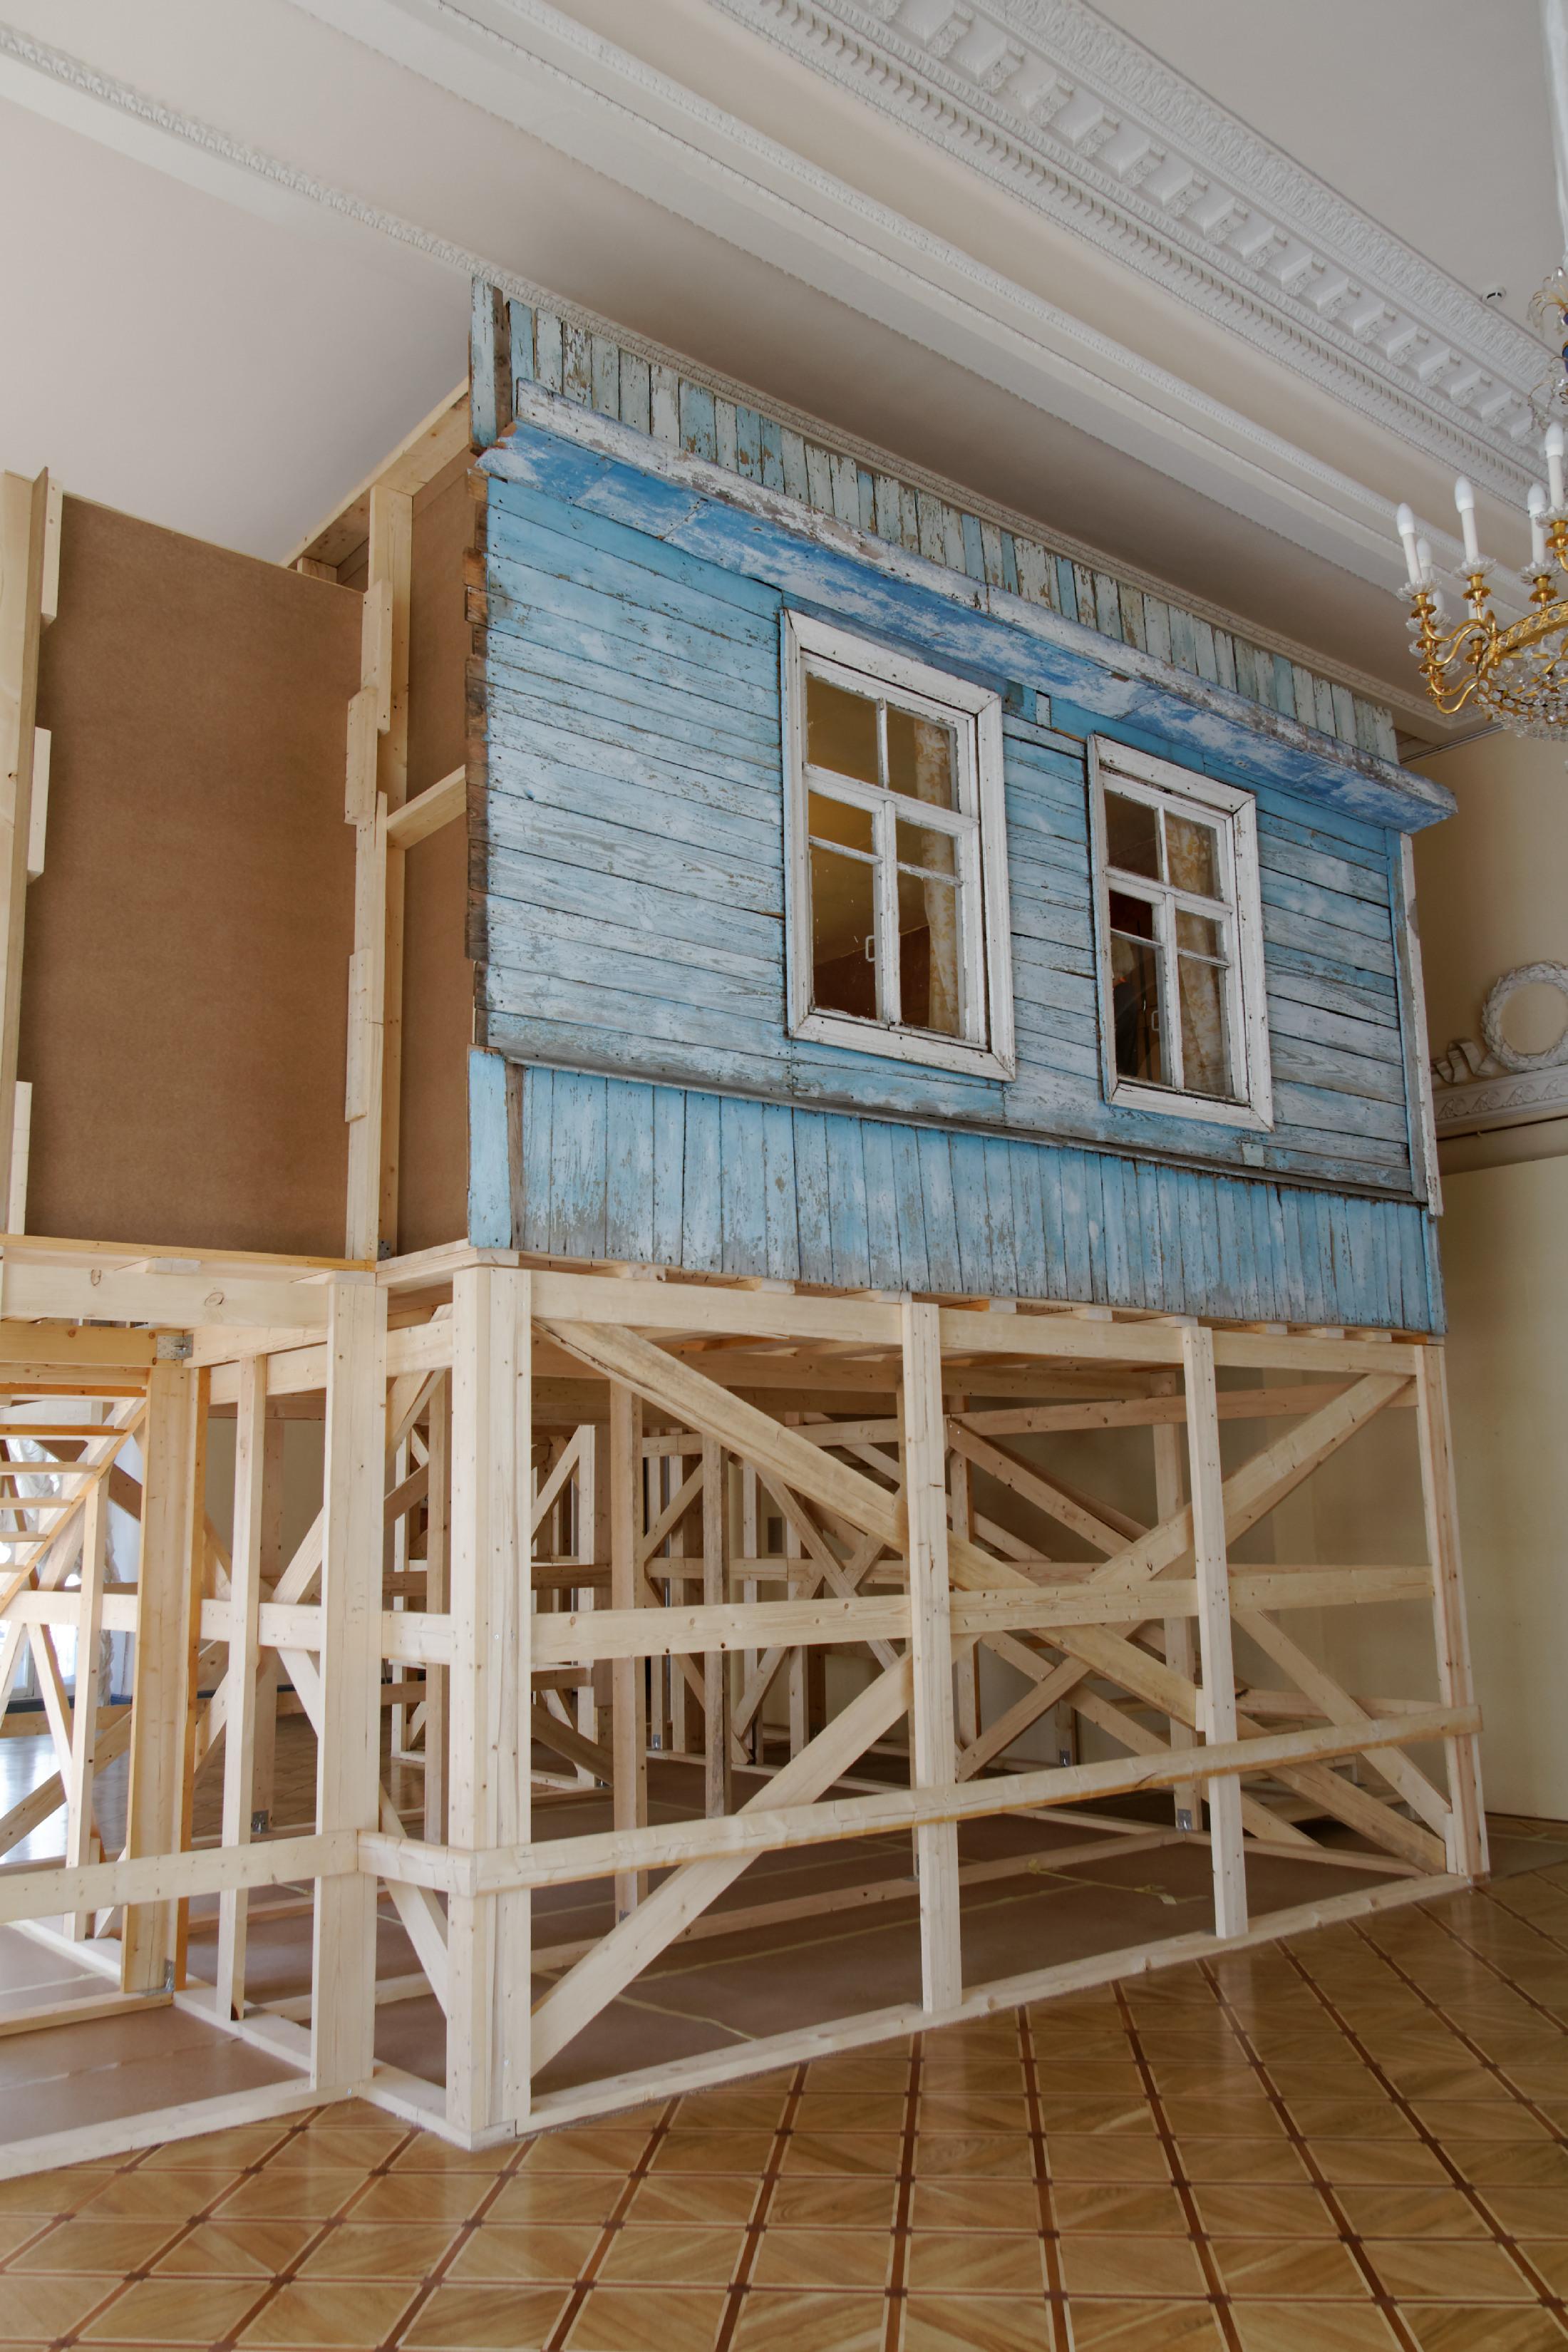 Фото предоставлено автором по заказу «Манифесты 10», Санкт-Петербург, при поддержке Японского фонда и Института международных связей, Штутгарт